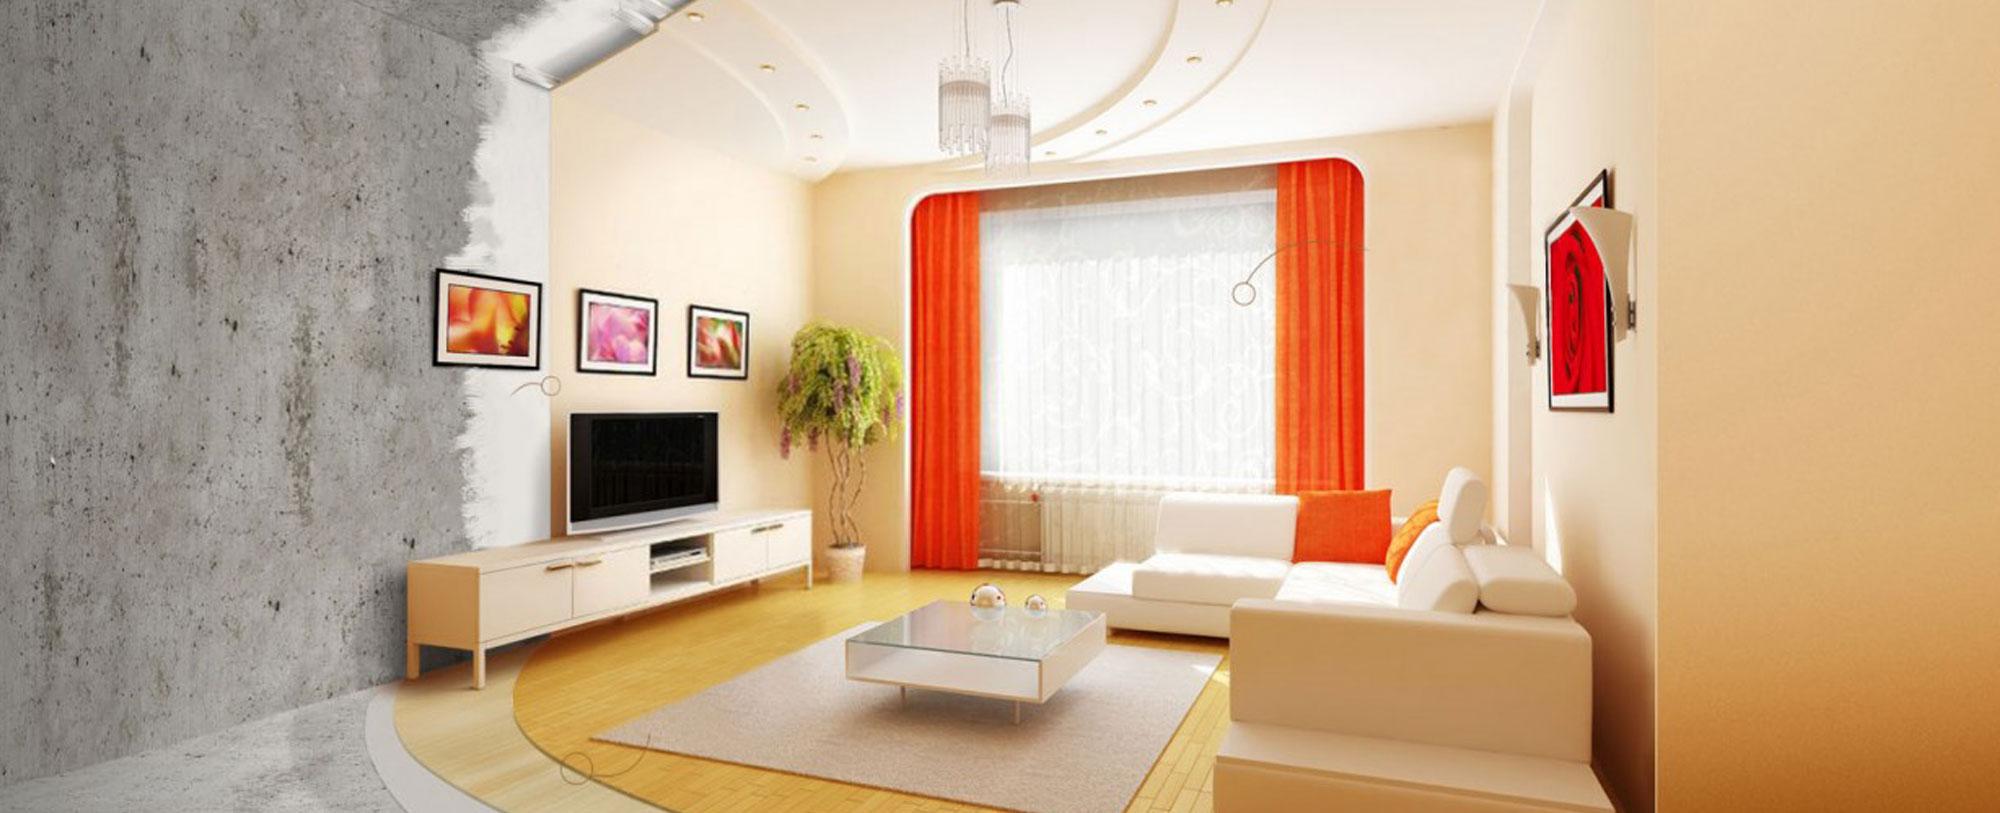 Картинки по запросу фото ремонт квартир